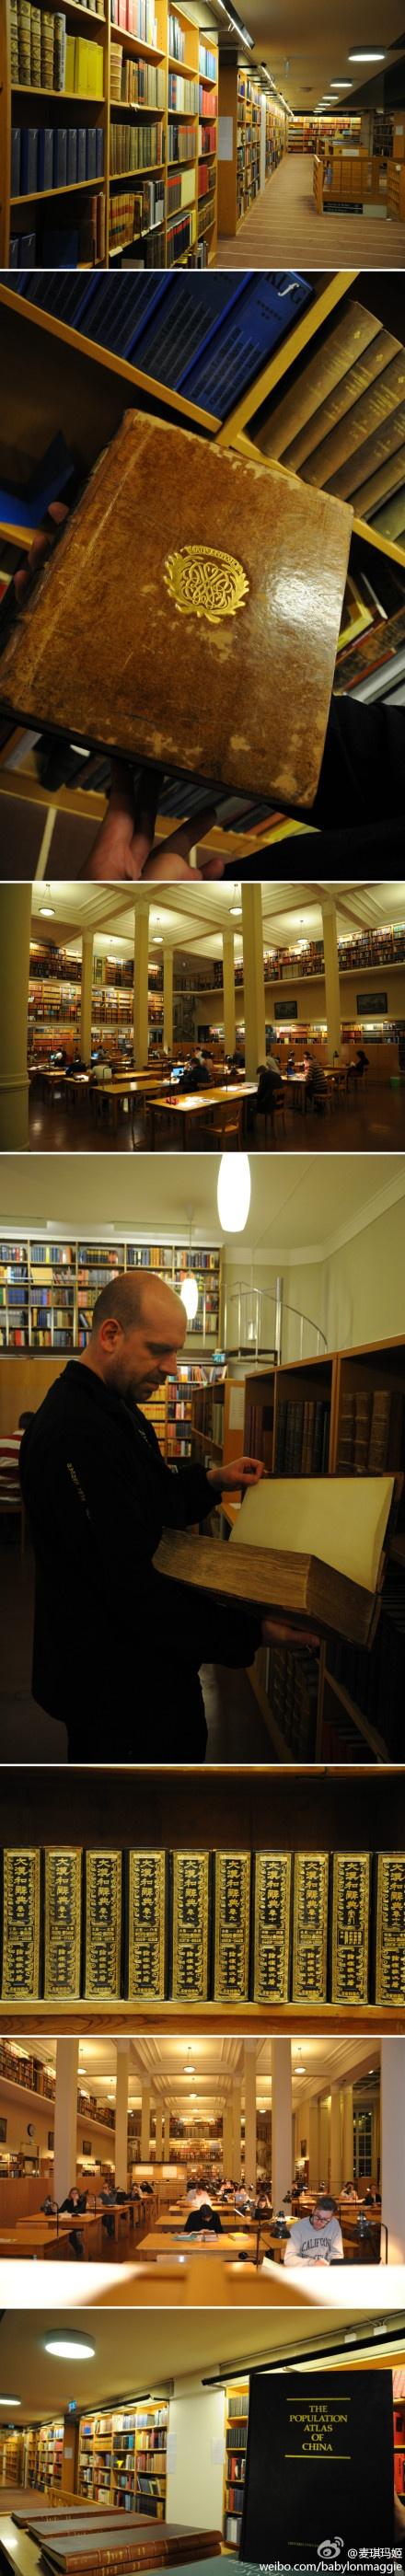 Uppsala University Library. with Carsten, Nov 2012.